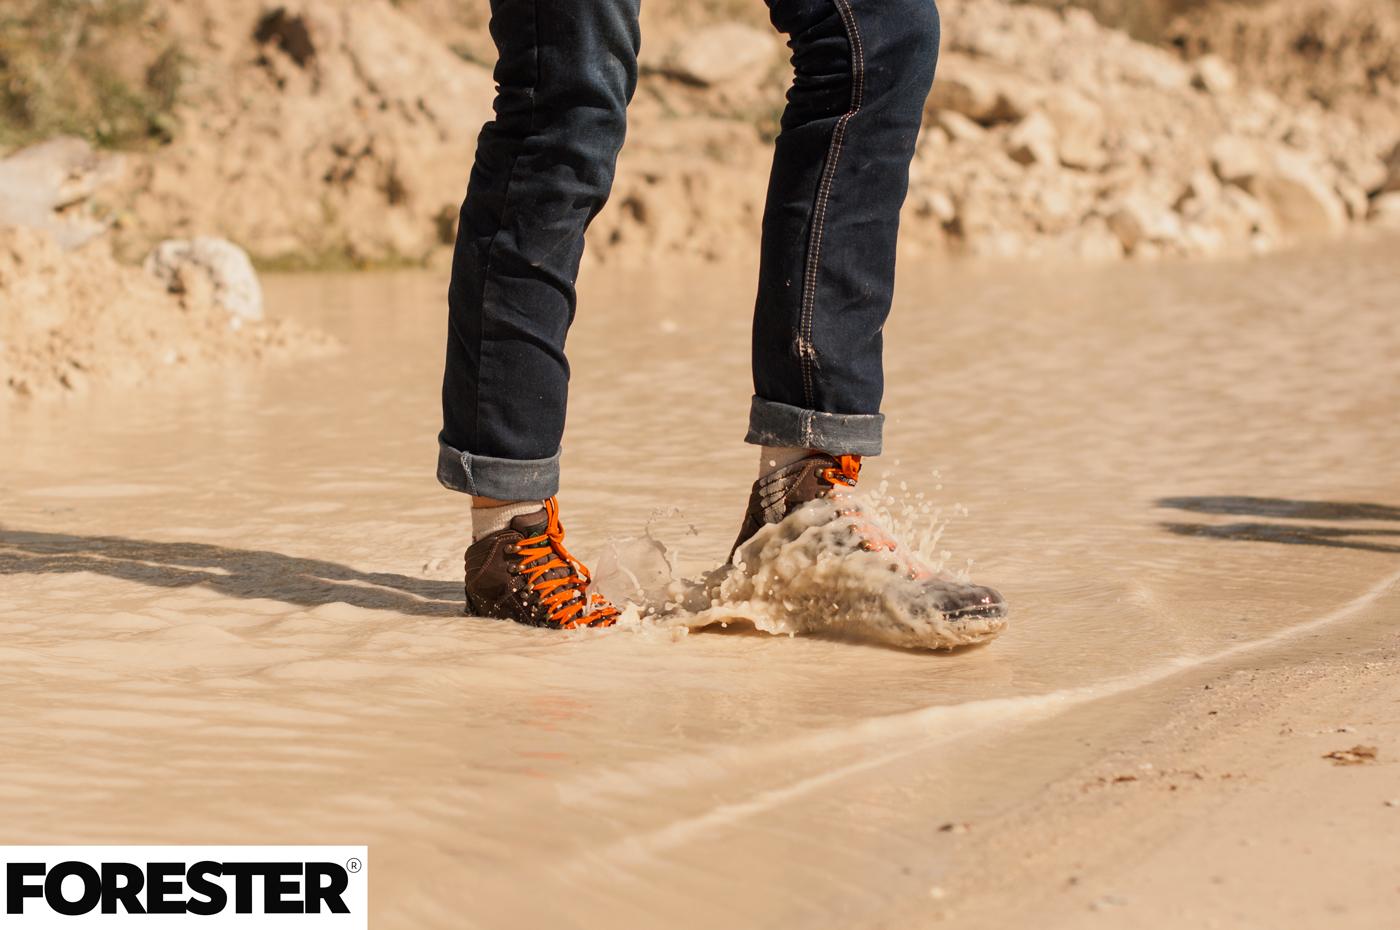 купить-трекинговую-обувь-Forester-Kedoff.net